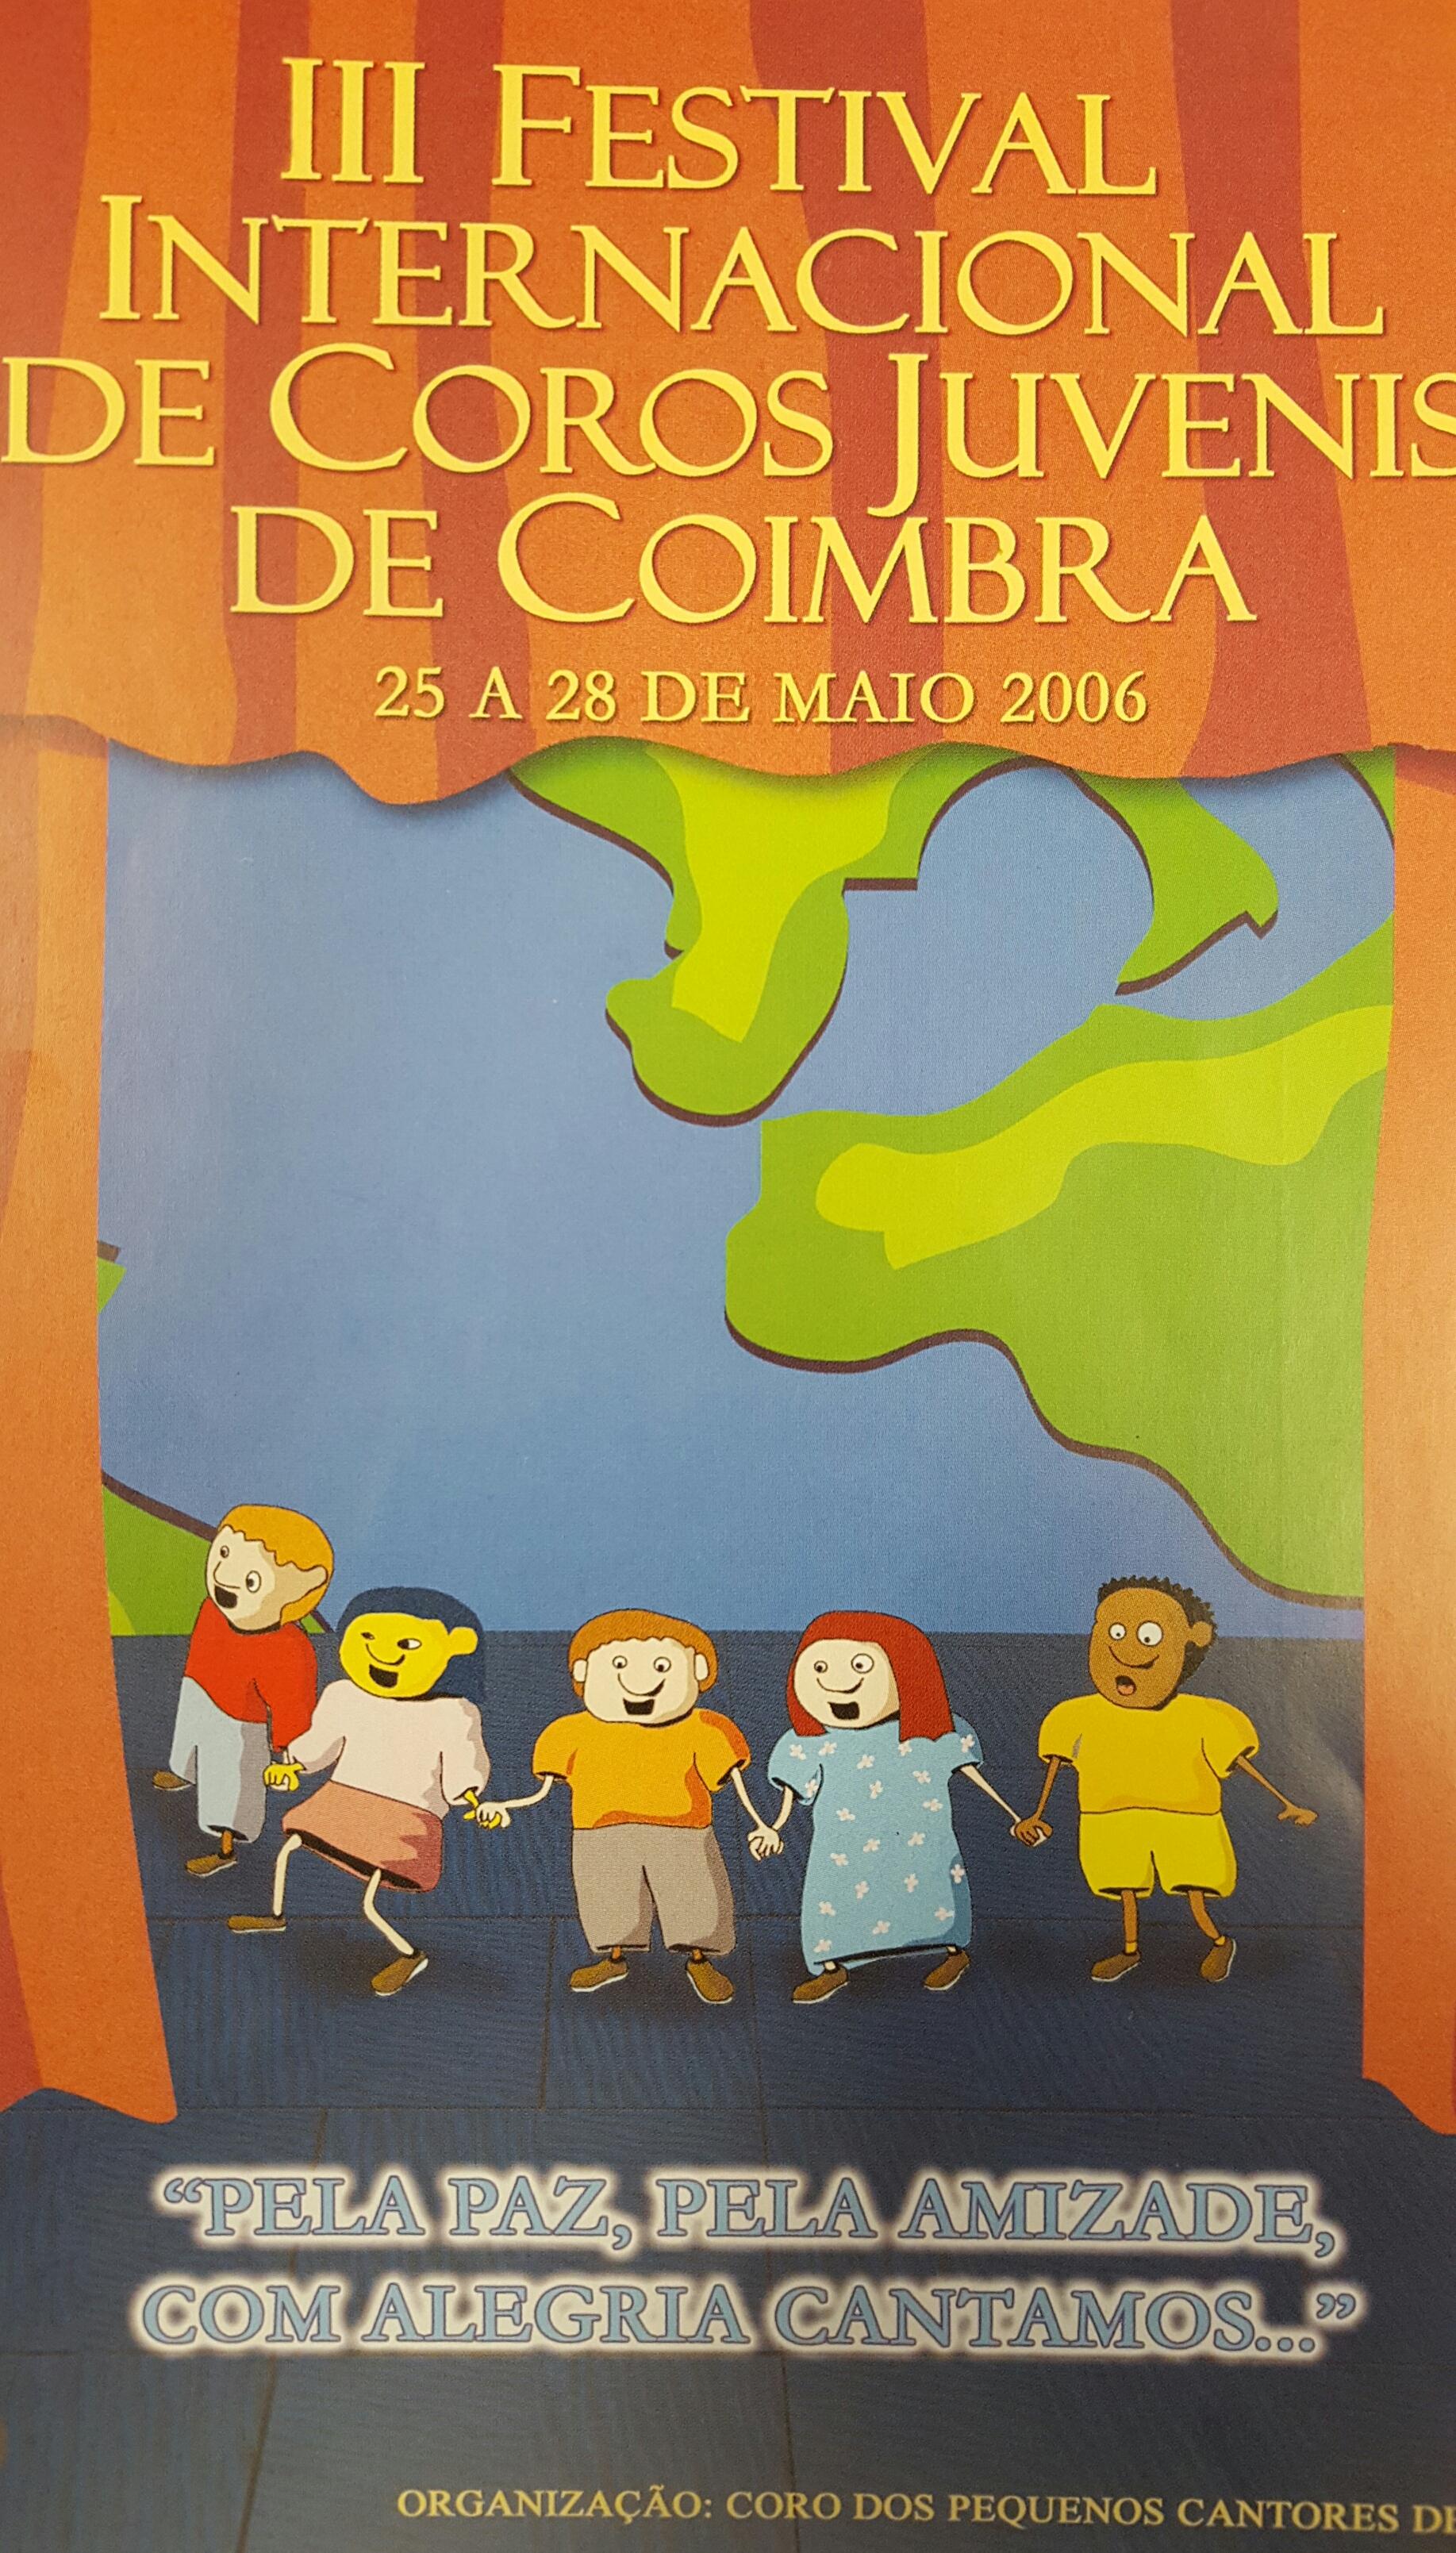 III Festival Internacional de Coros Juvenis de Coimbra